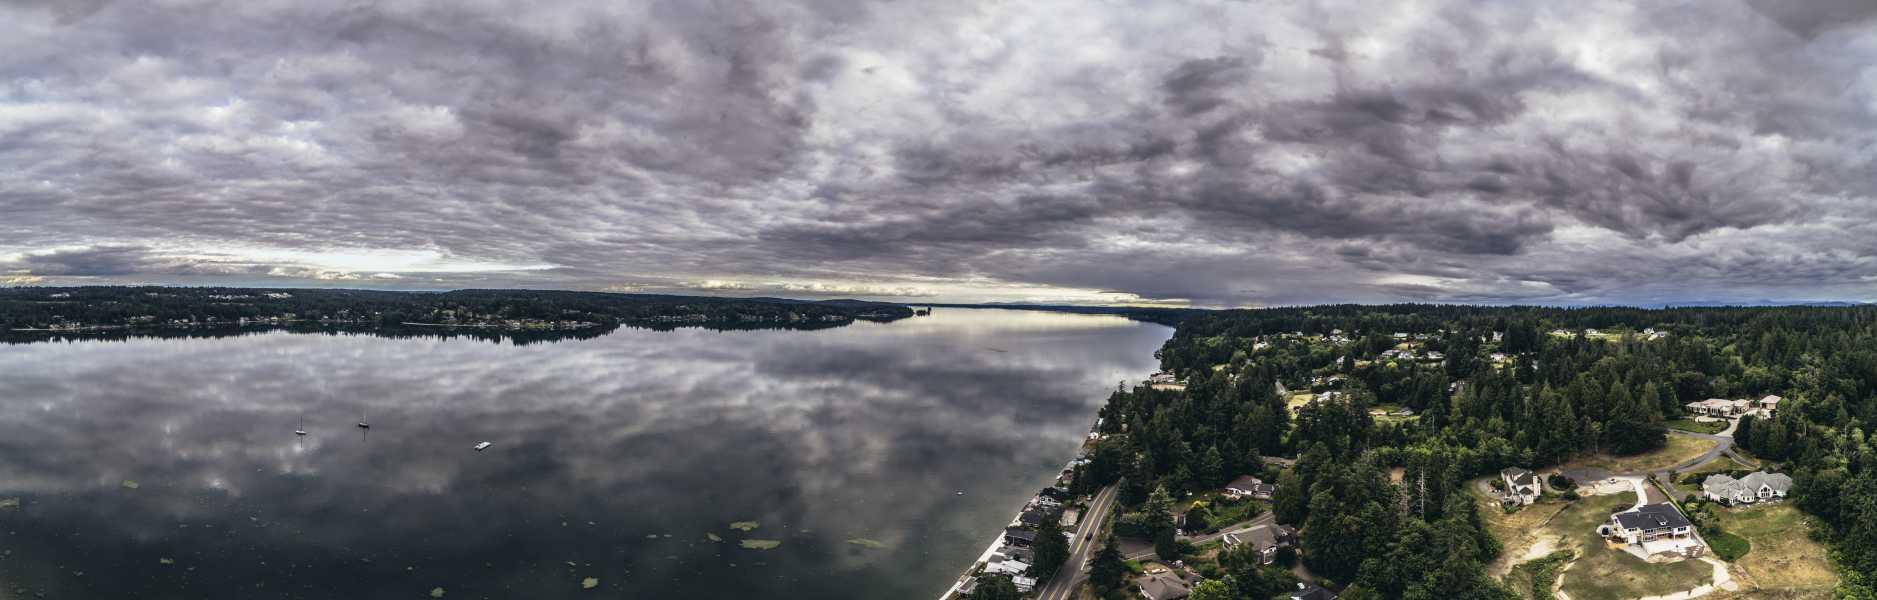 Drone Photo Purdy WA